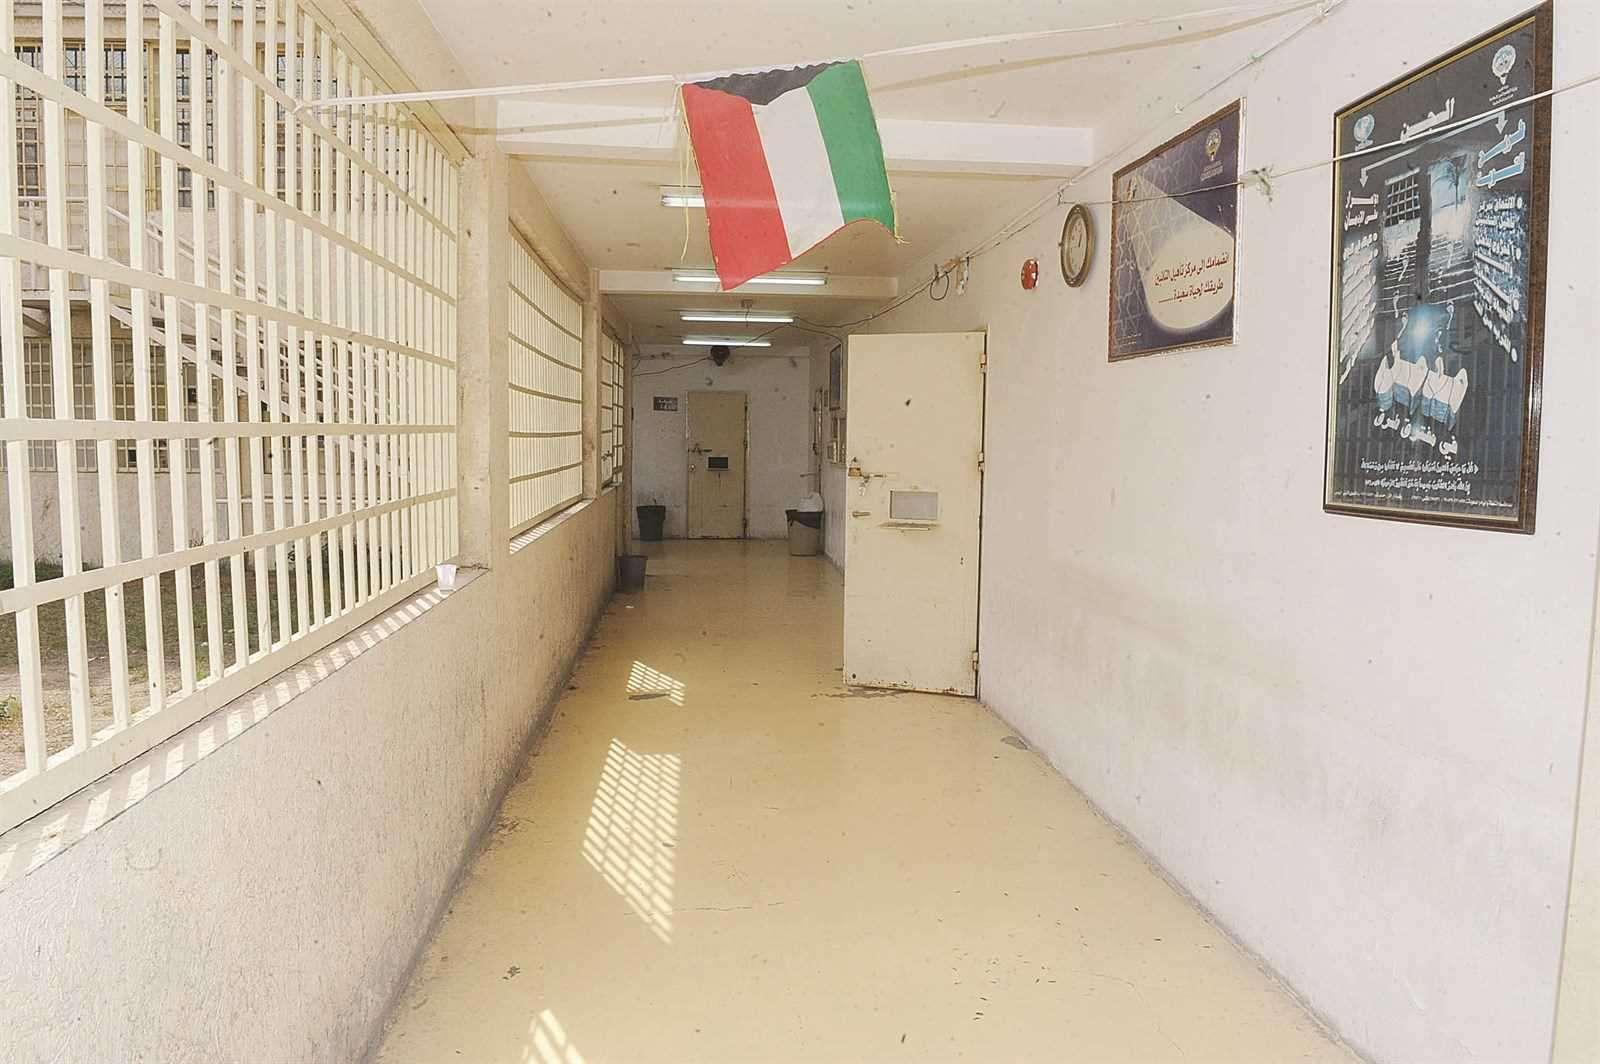 Koweït…Euro-Med Monitor appelle à une enquête urgente après l'effraction des forces de sécurité dans la prison centrale